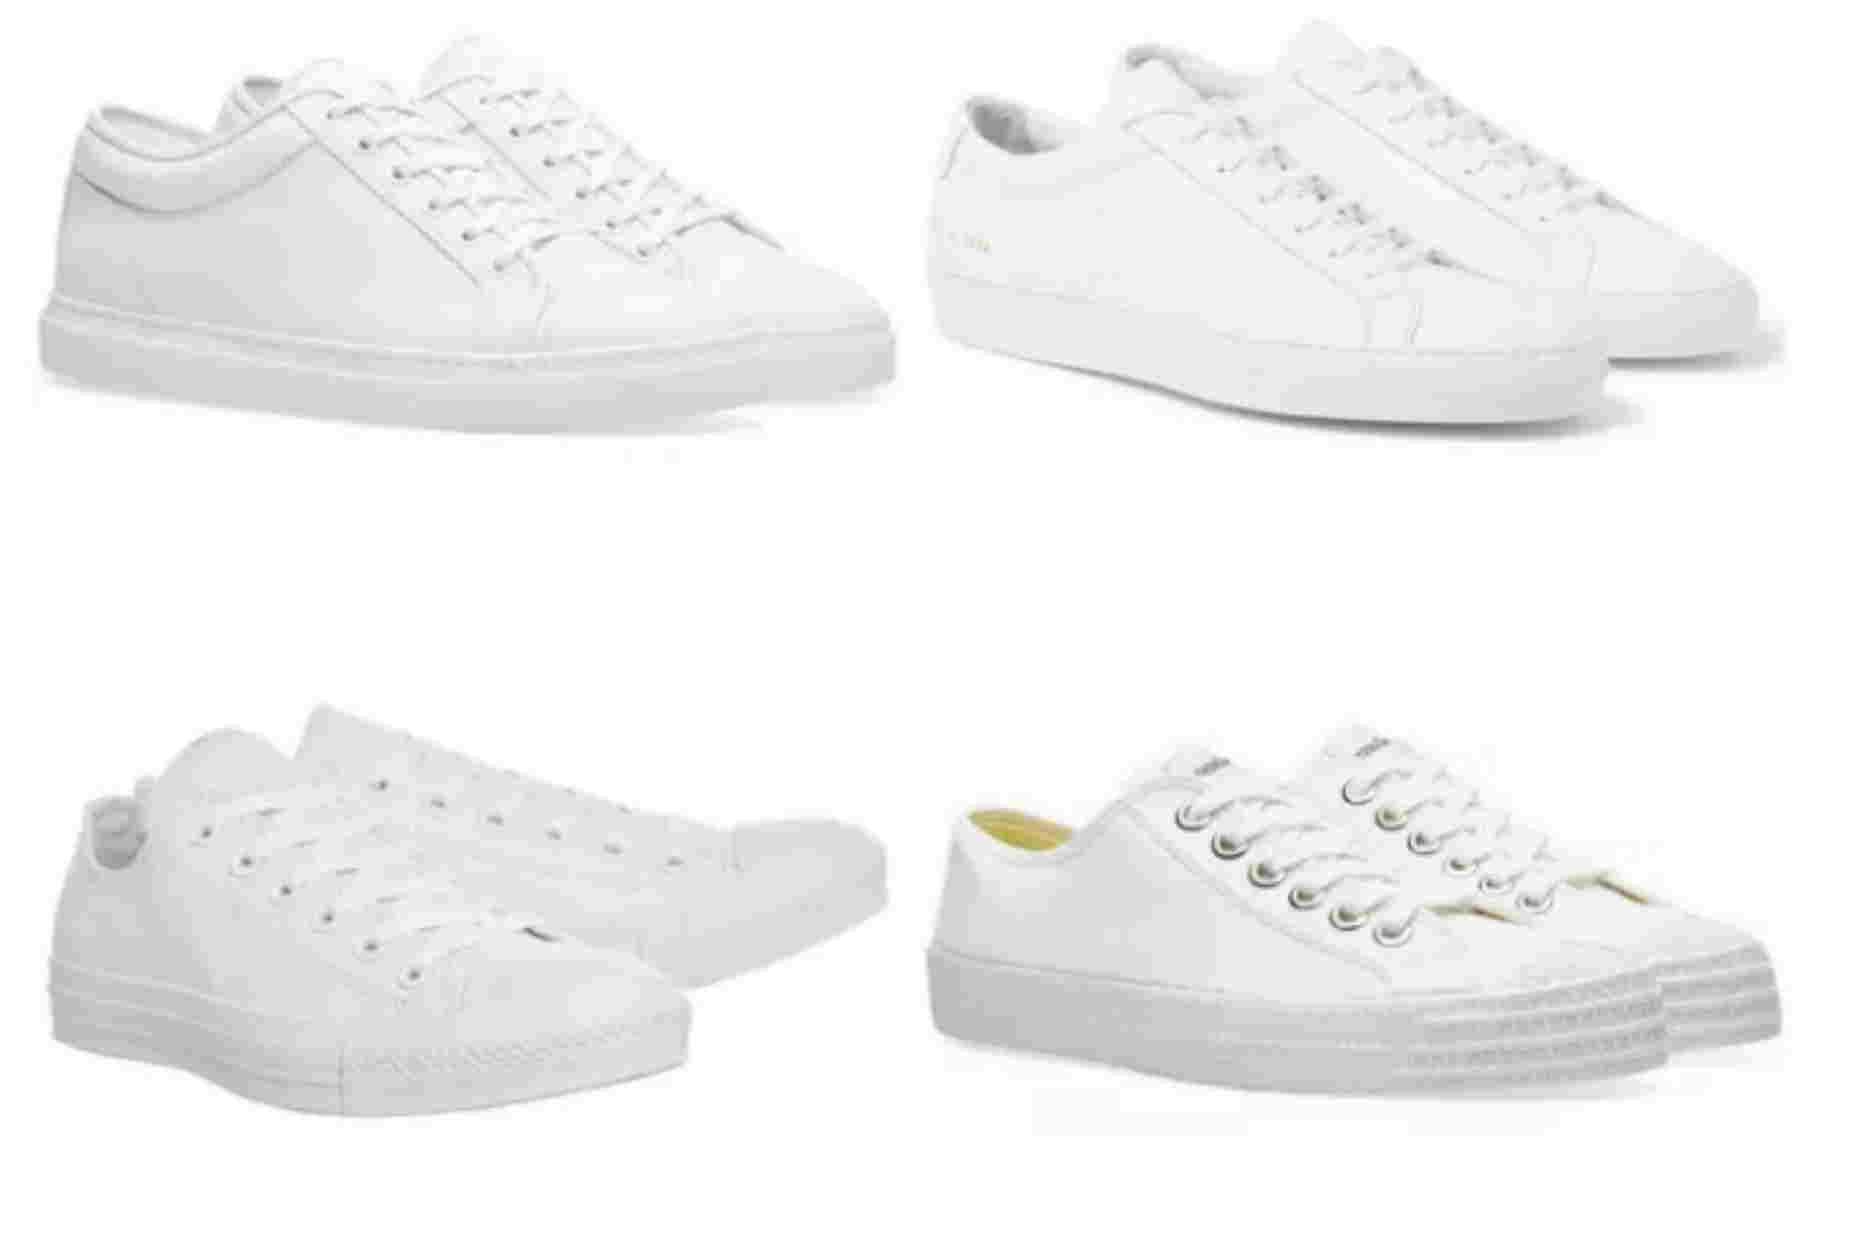 Τα 5 sneakers που πρέπει να έχεις ακόμα και αν είσαι άσχετος από μόδα